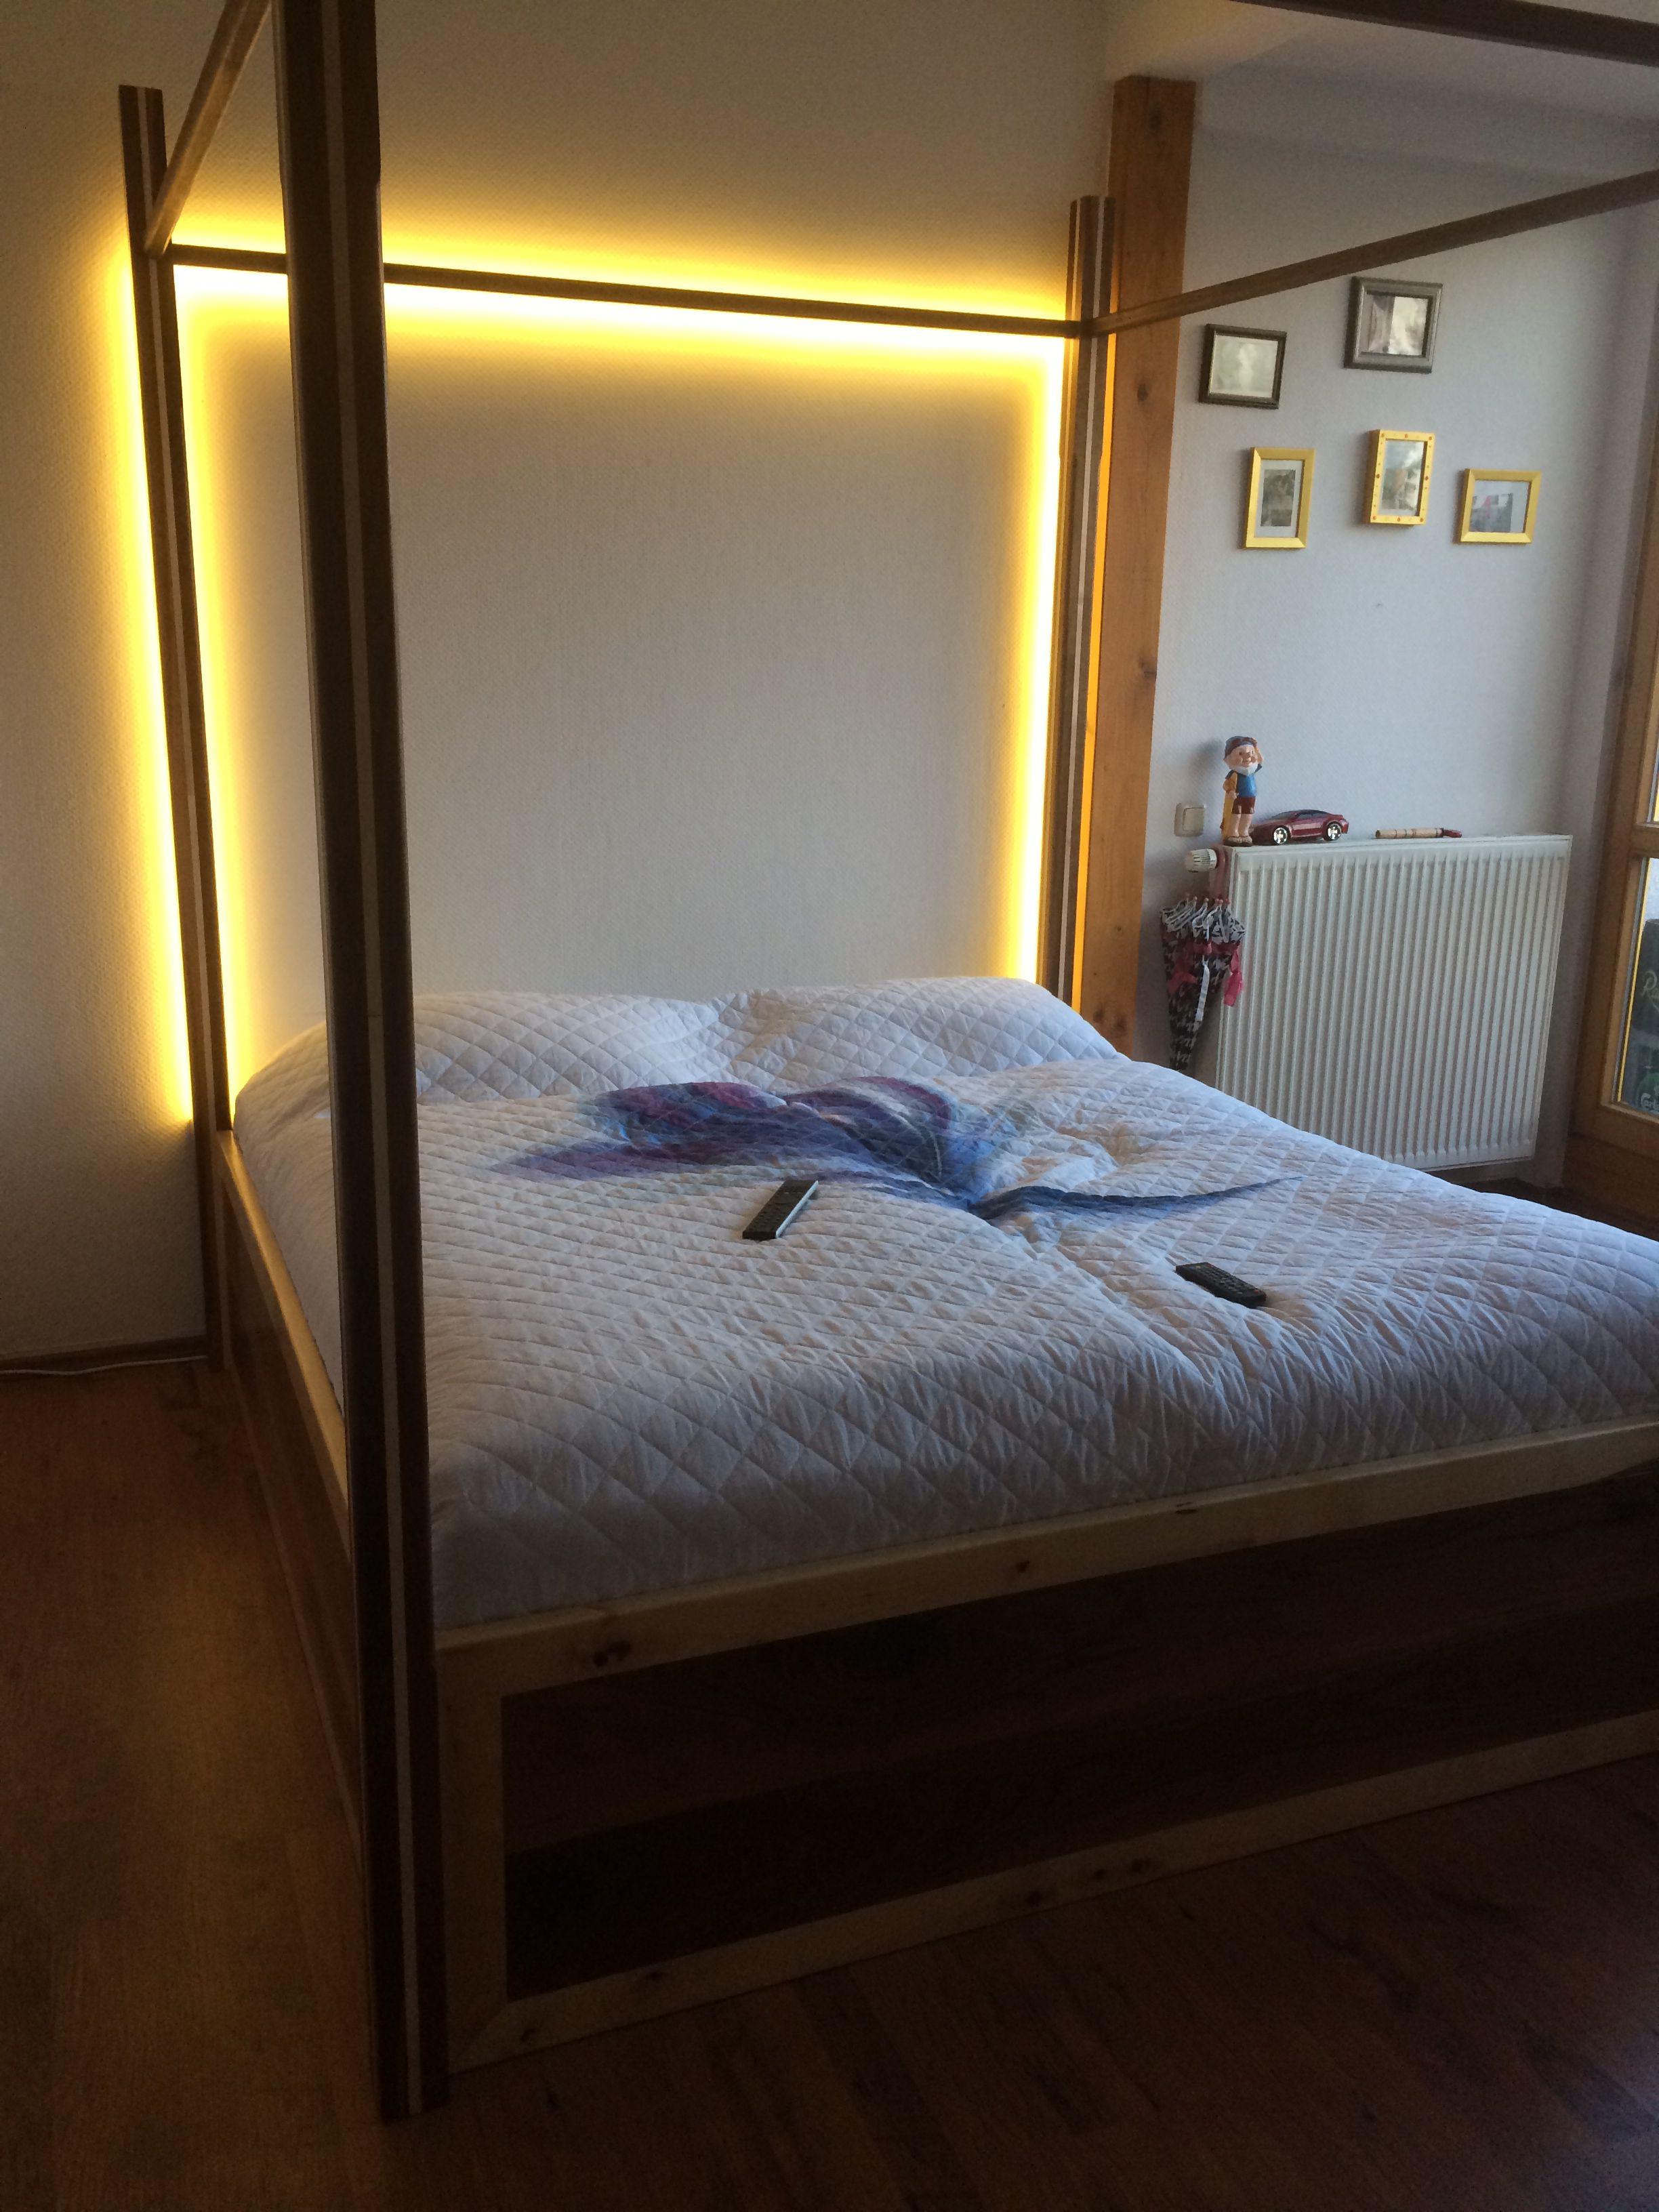 Diy himmelbett verschiedenes pinterest bedrooms - Himmelbett diy ...